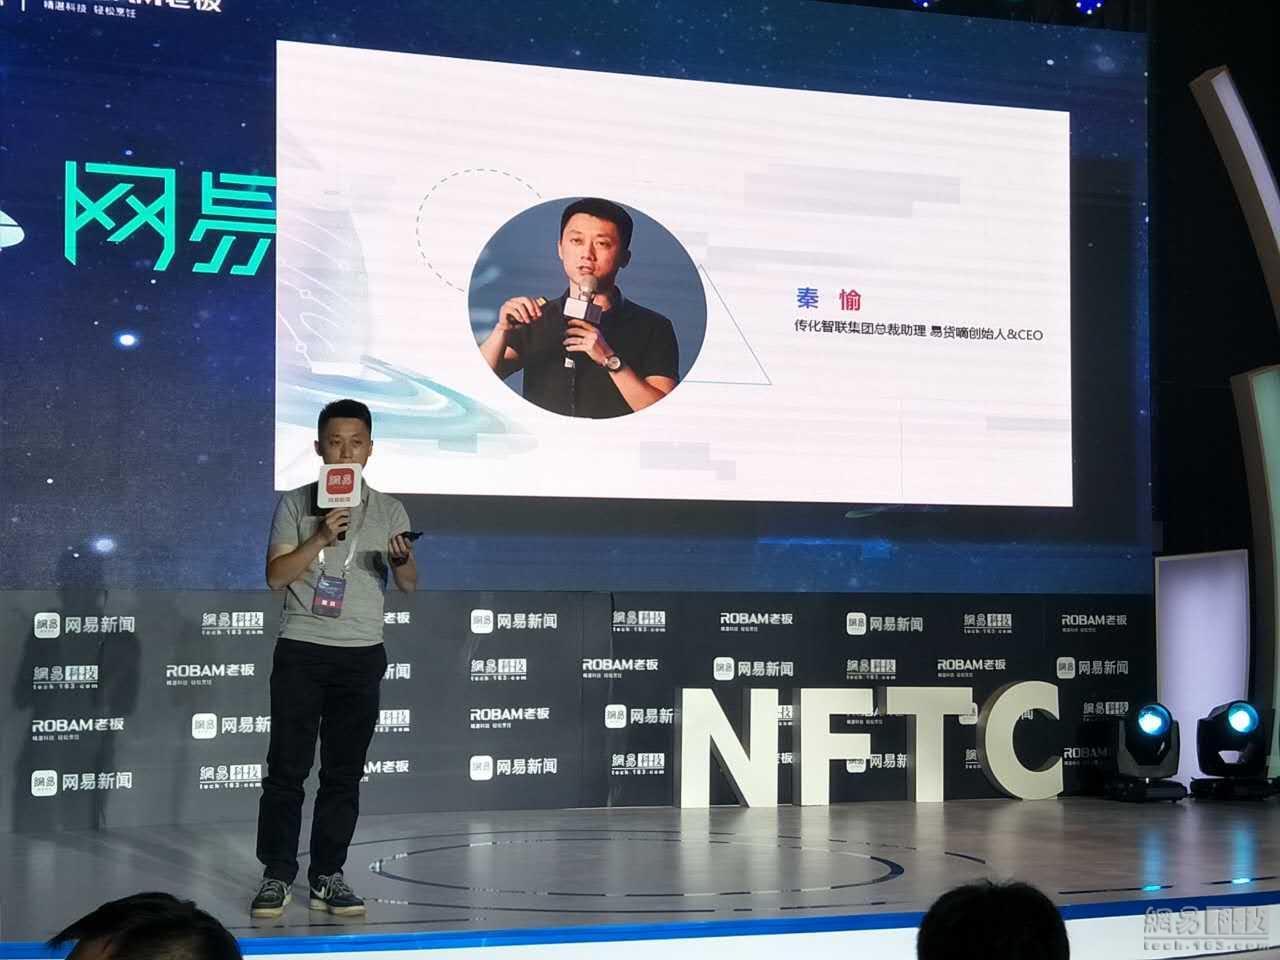 易货嘀CEO秦愉:未来物流是技术驱动型